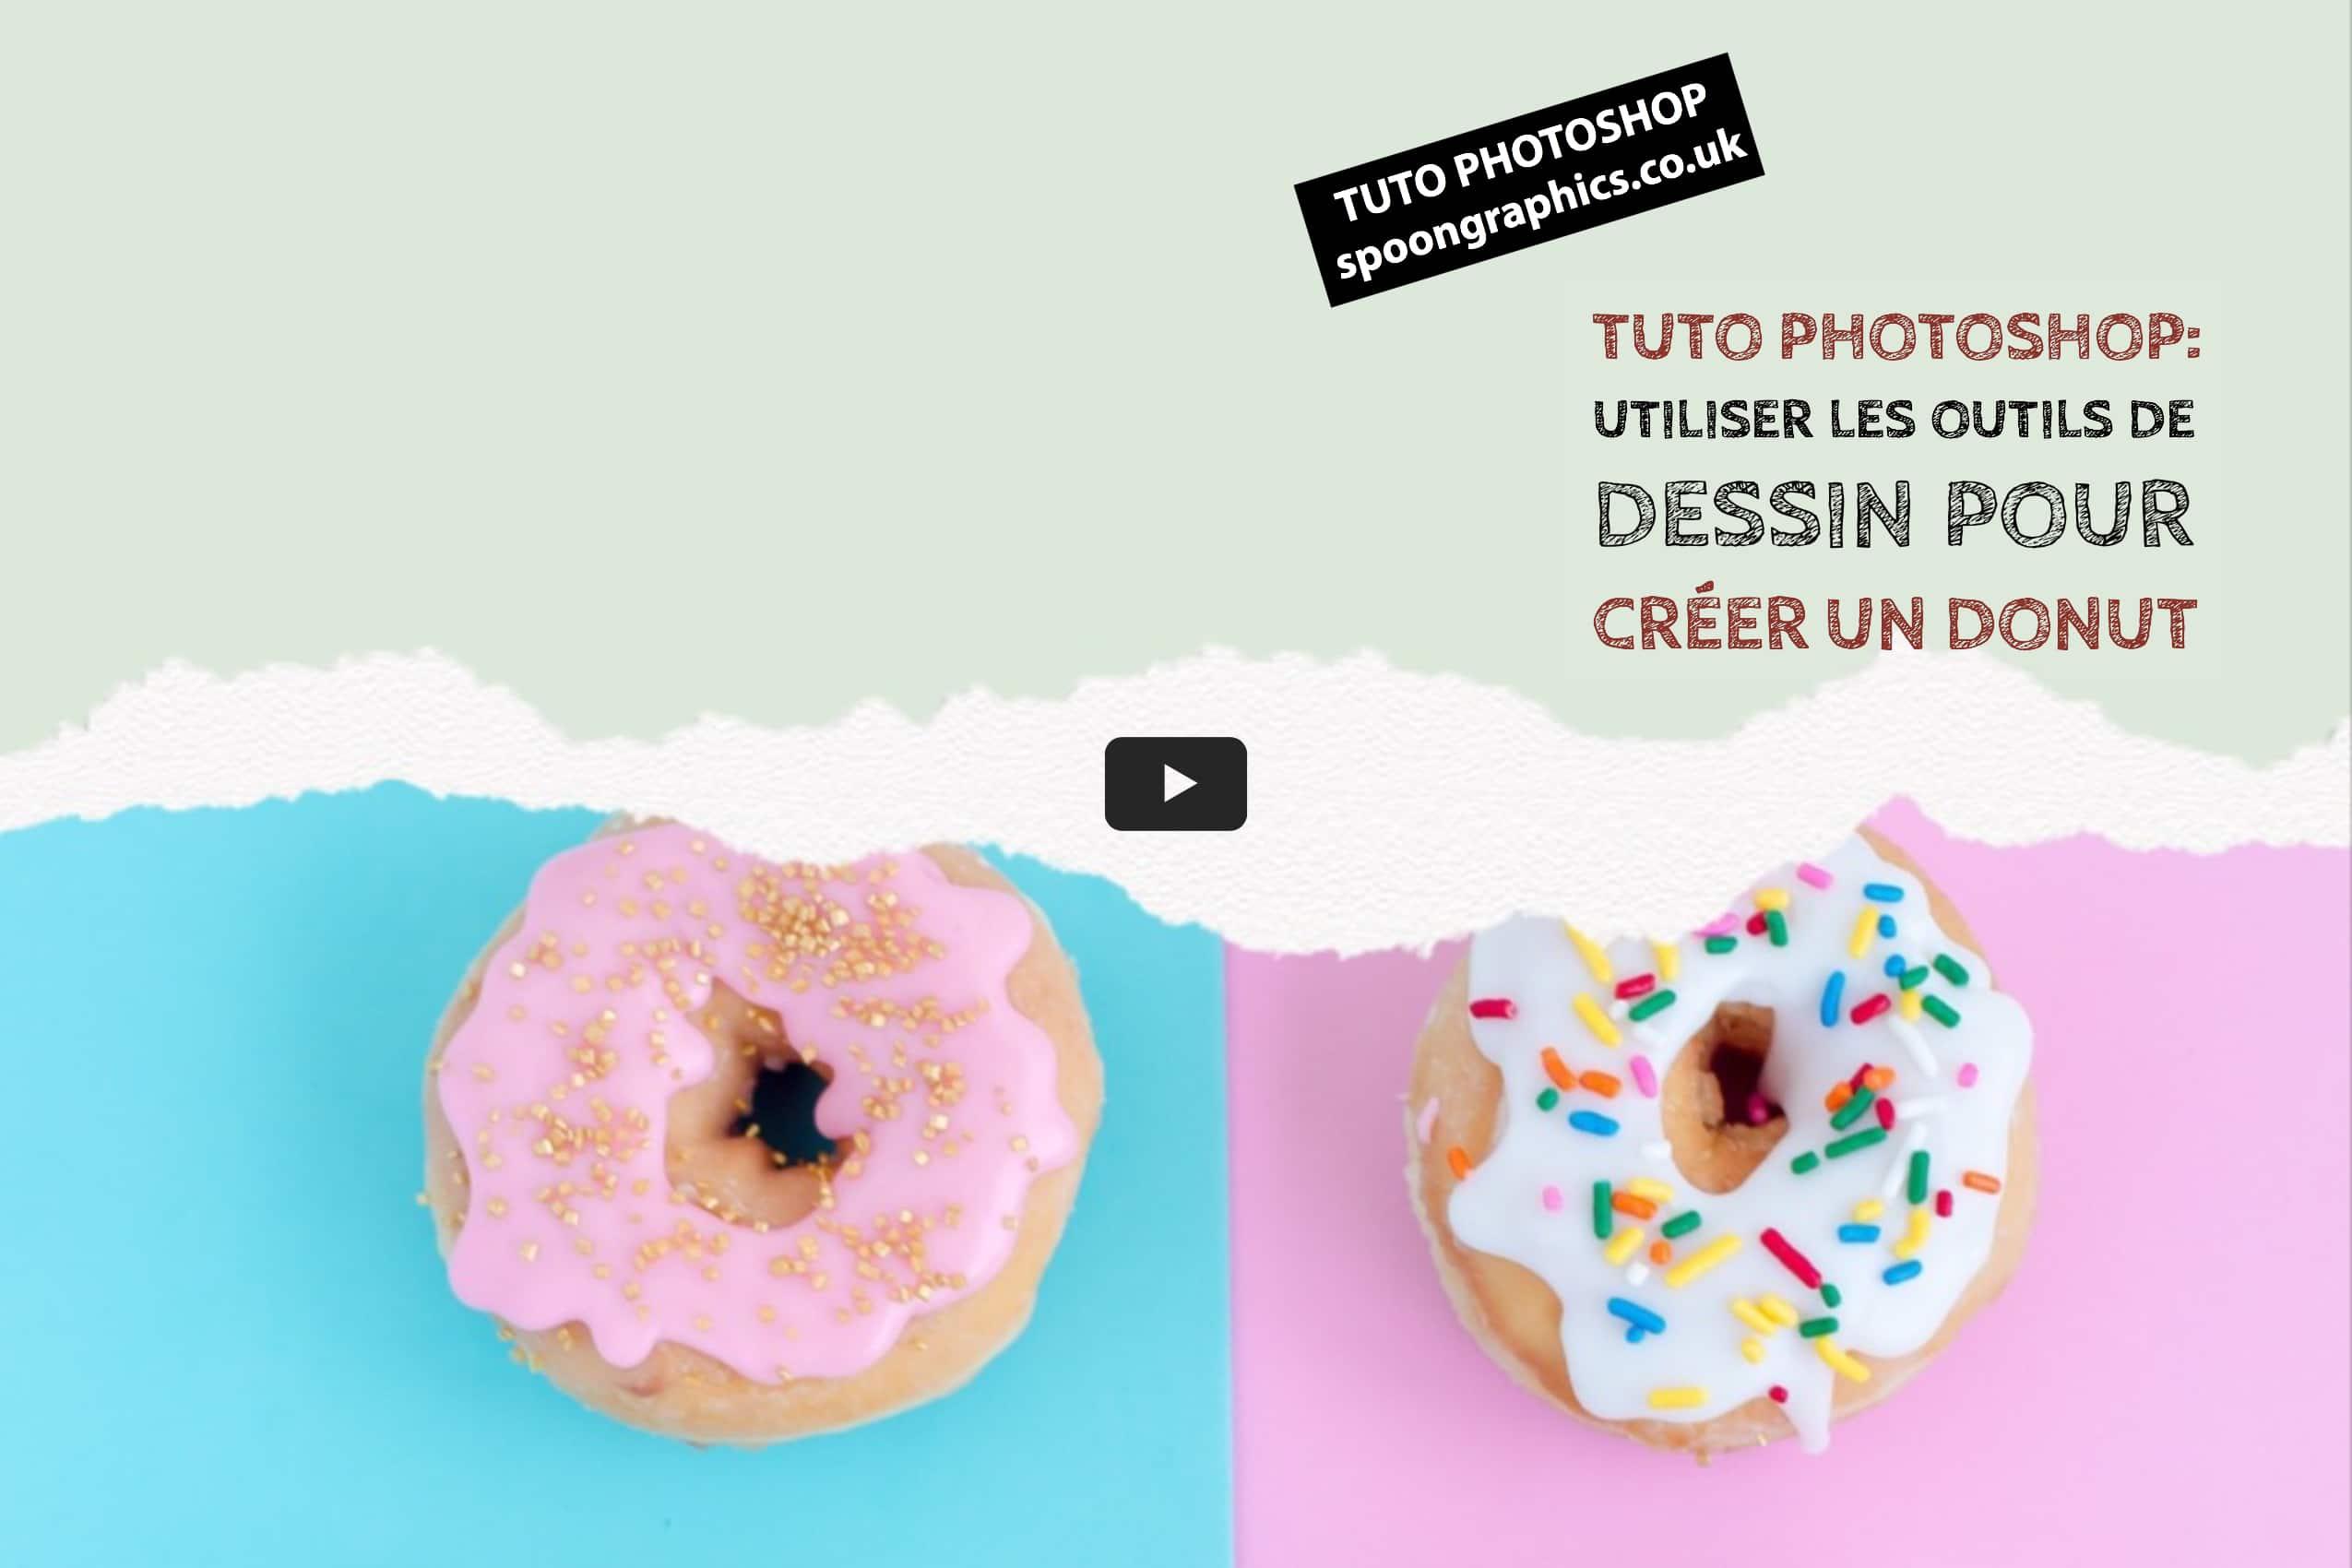 Tuto Photoshop Utiliser Les Outils De Dessin Pour Creer Un Donut